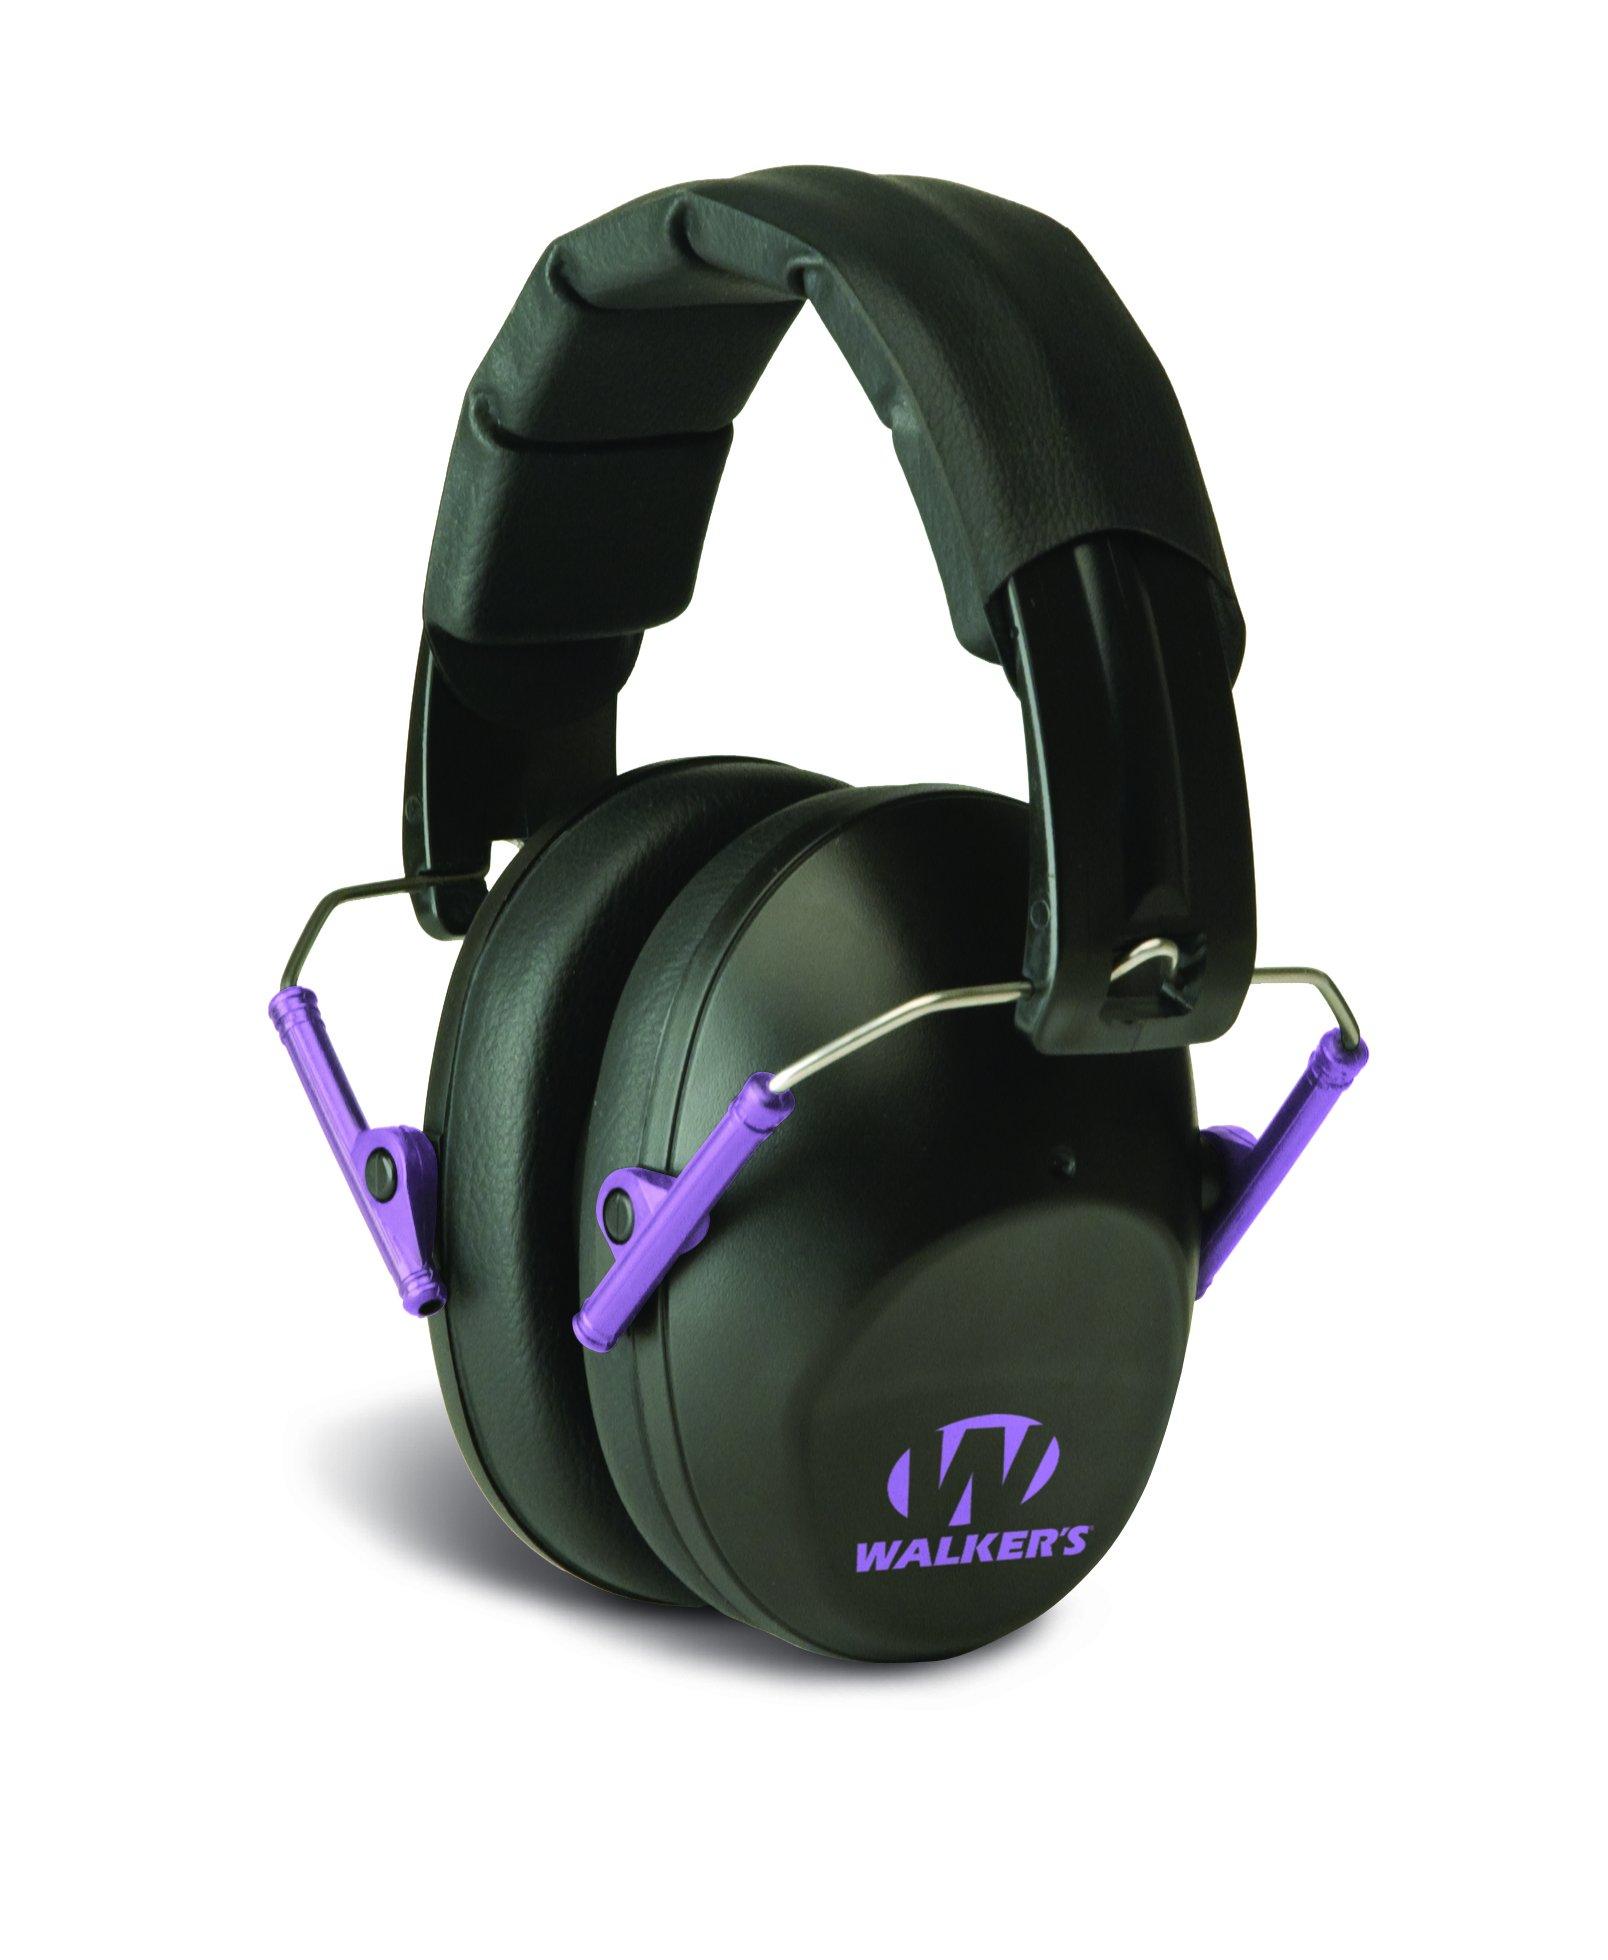 Walker's Low Profile Folding Muff, Purple Accent by Walker's Game Ear